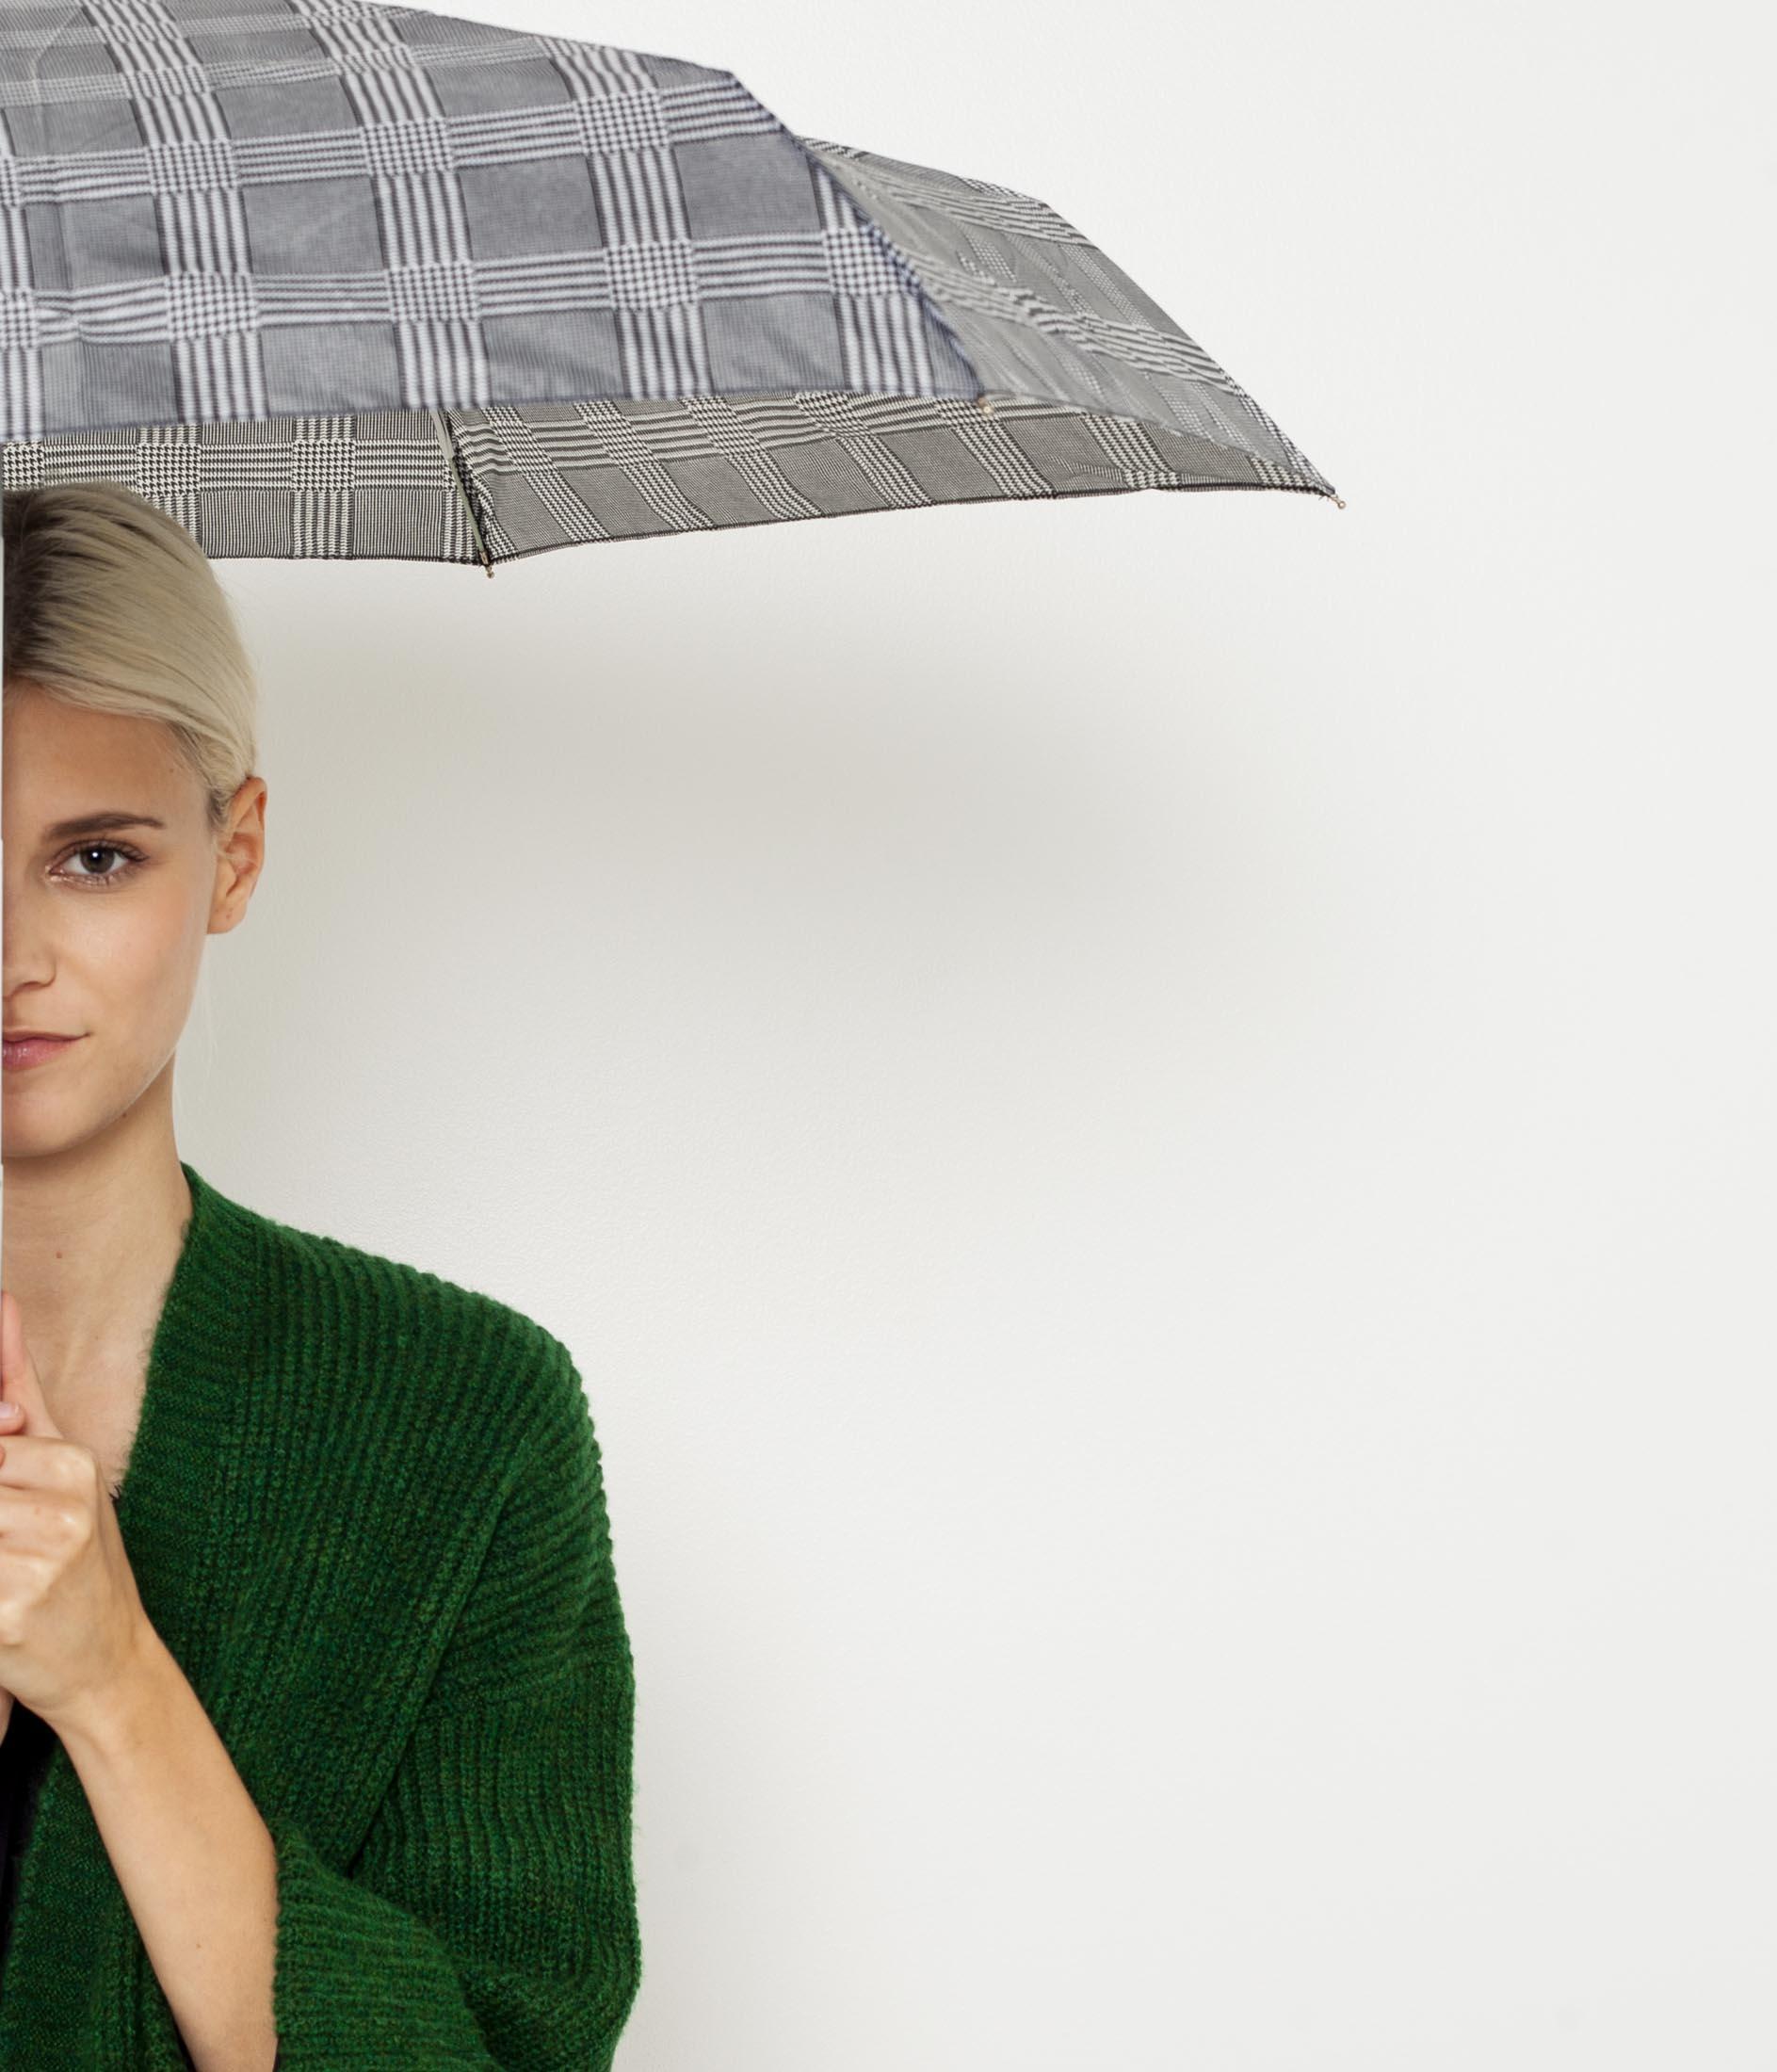 Camaïeu Camaïeu Rétractable Femme Rétractable Camaïeu Parapluie Femme Camaïeu Femme Rétractable Parapluie Parapluie UzSpMV